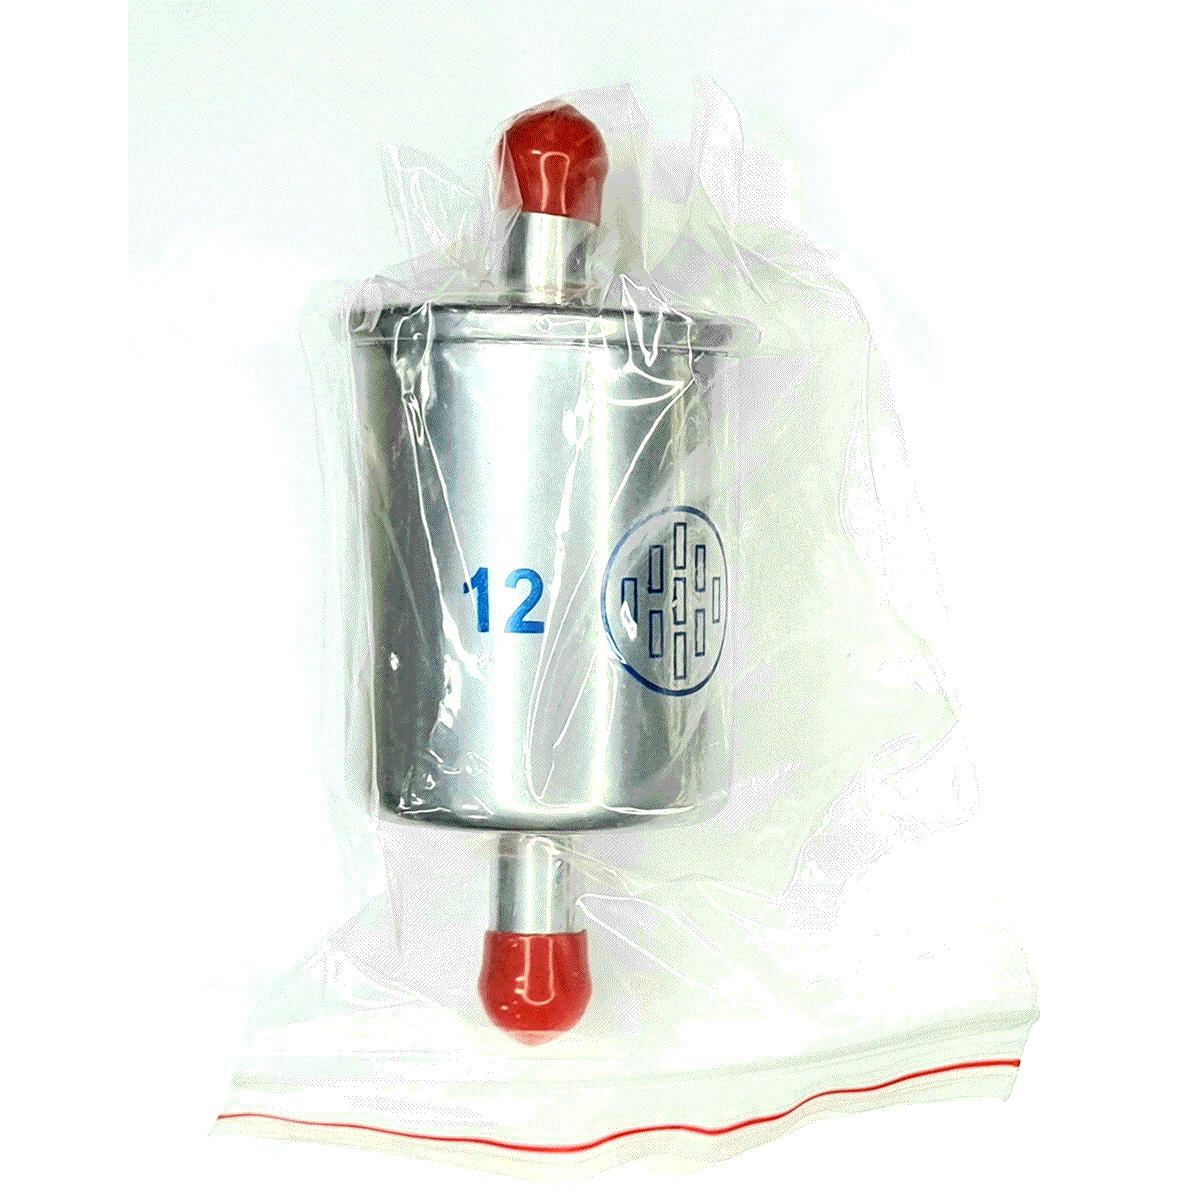 7 Filtros GNV 12 mm TROIAGAS Metal 5ª e 6ª geração protege bicos kits gás